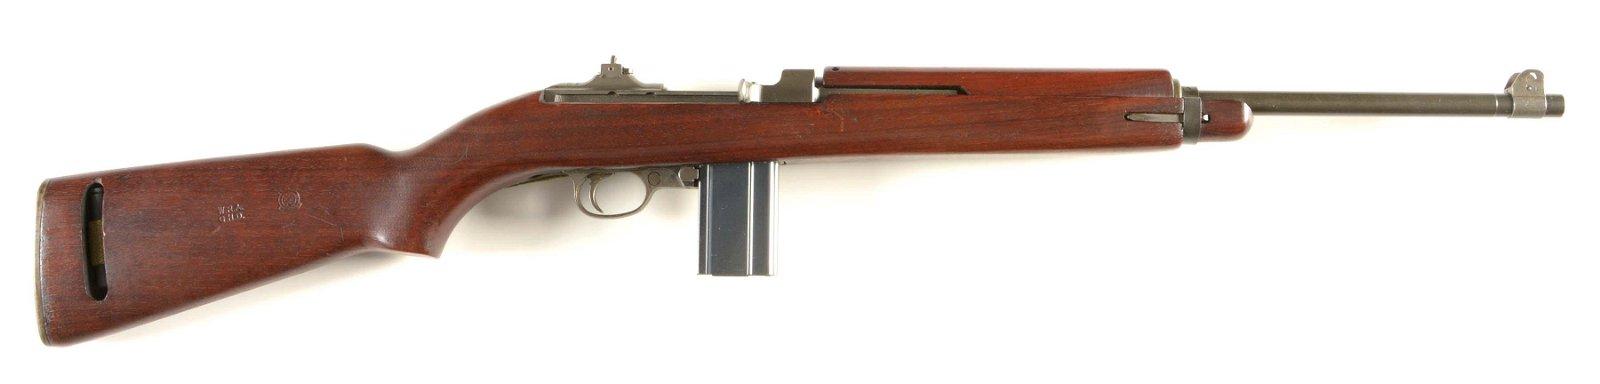 (C) WINCHESTER MODEL 1943 M1 CARBINE SEMI-AUTOMATIC